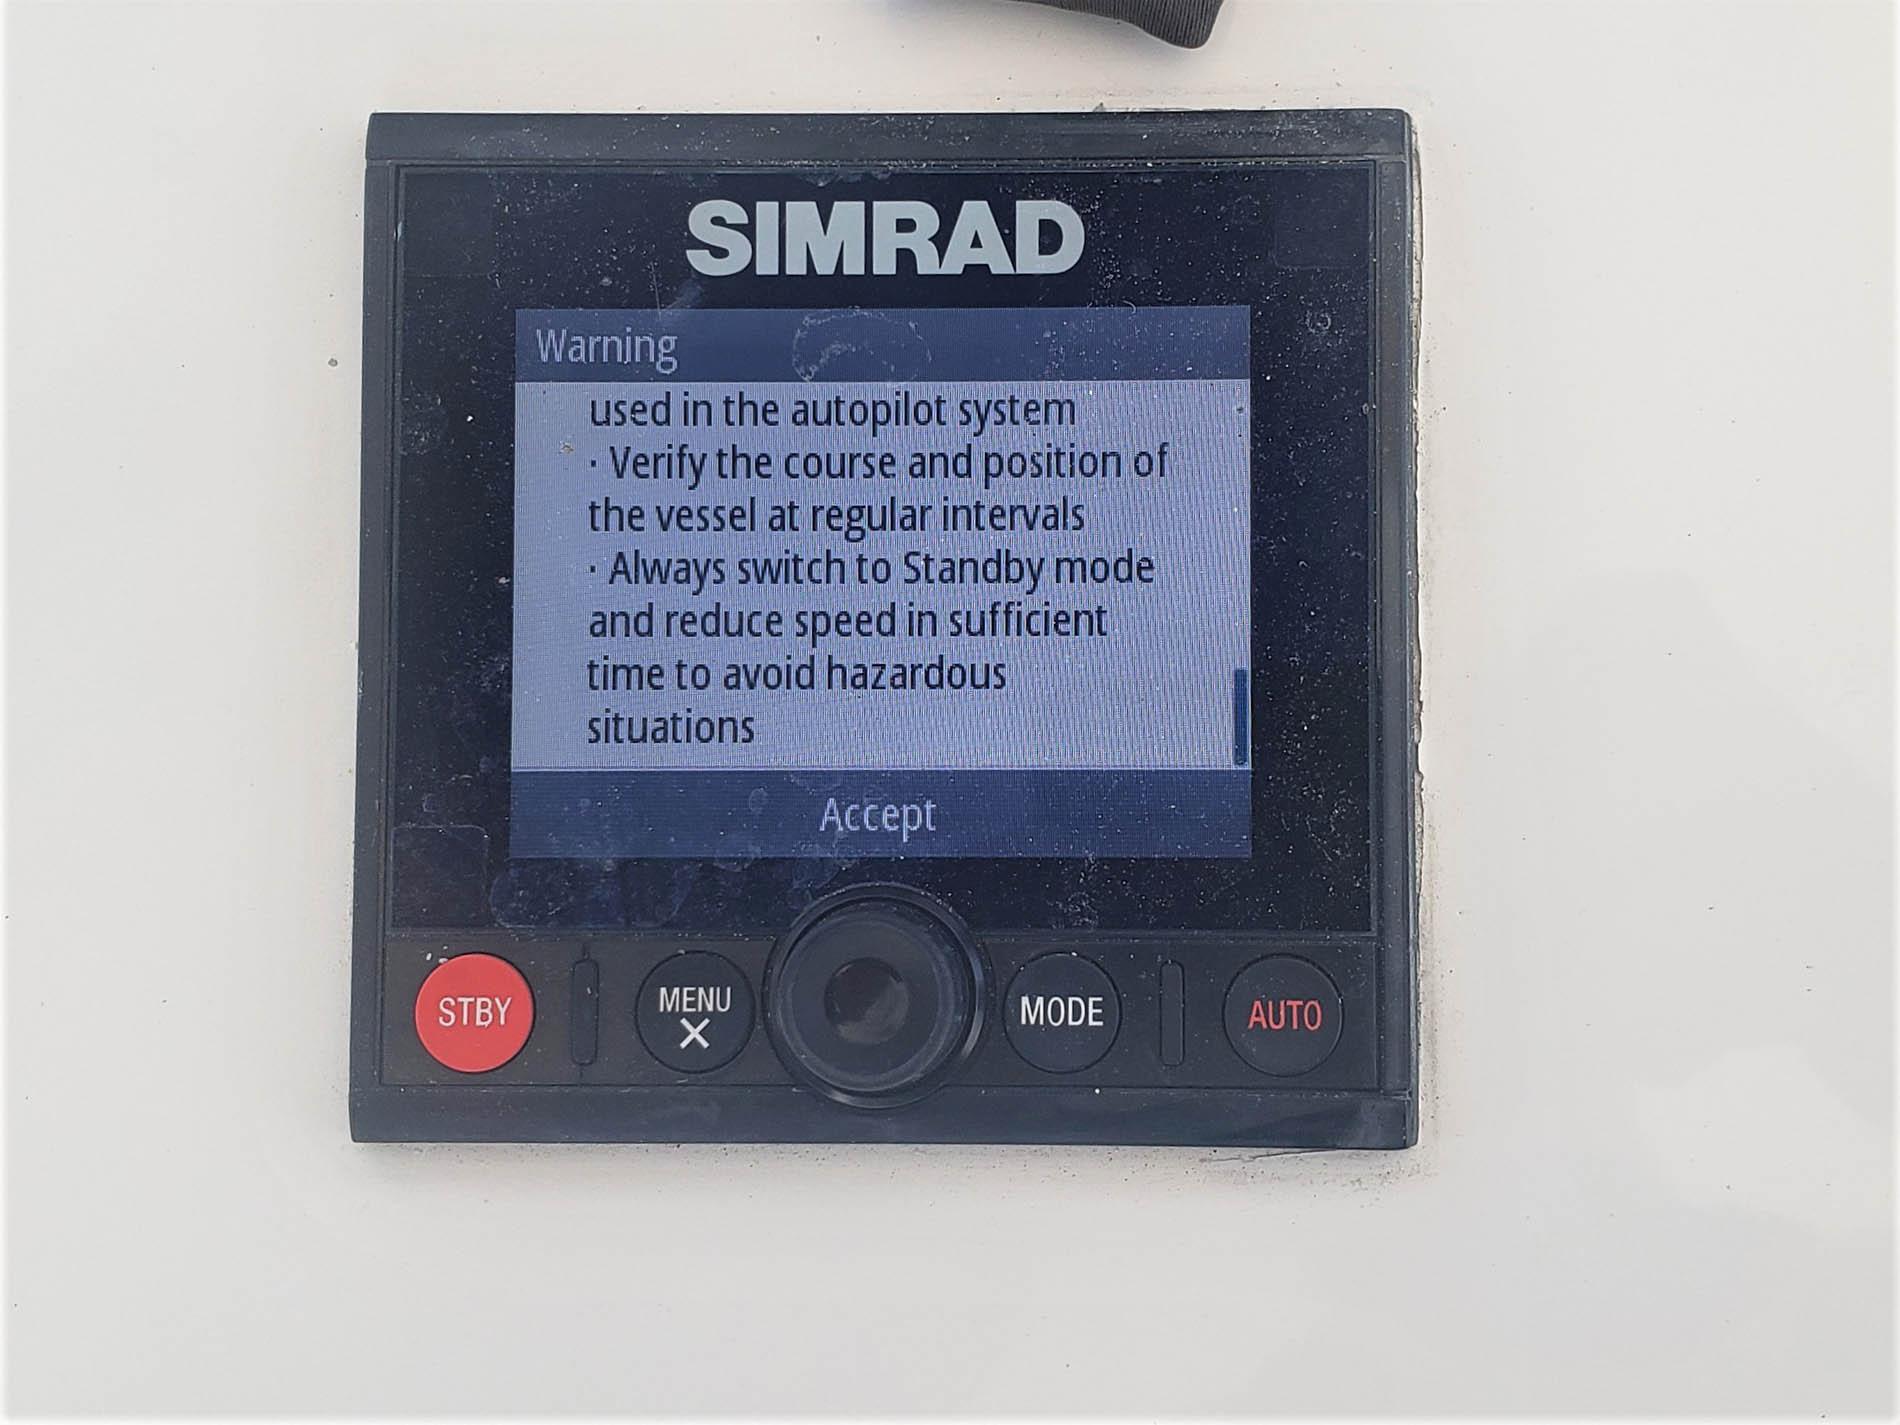 Simrad Autopilot